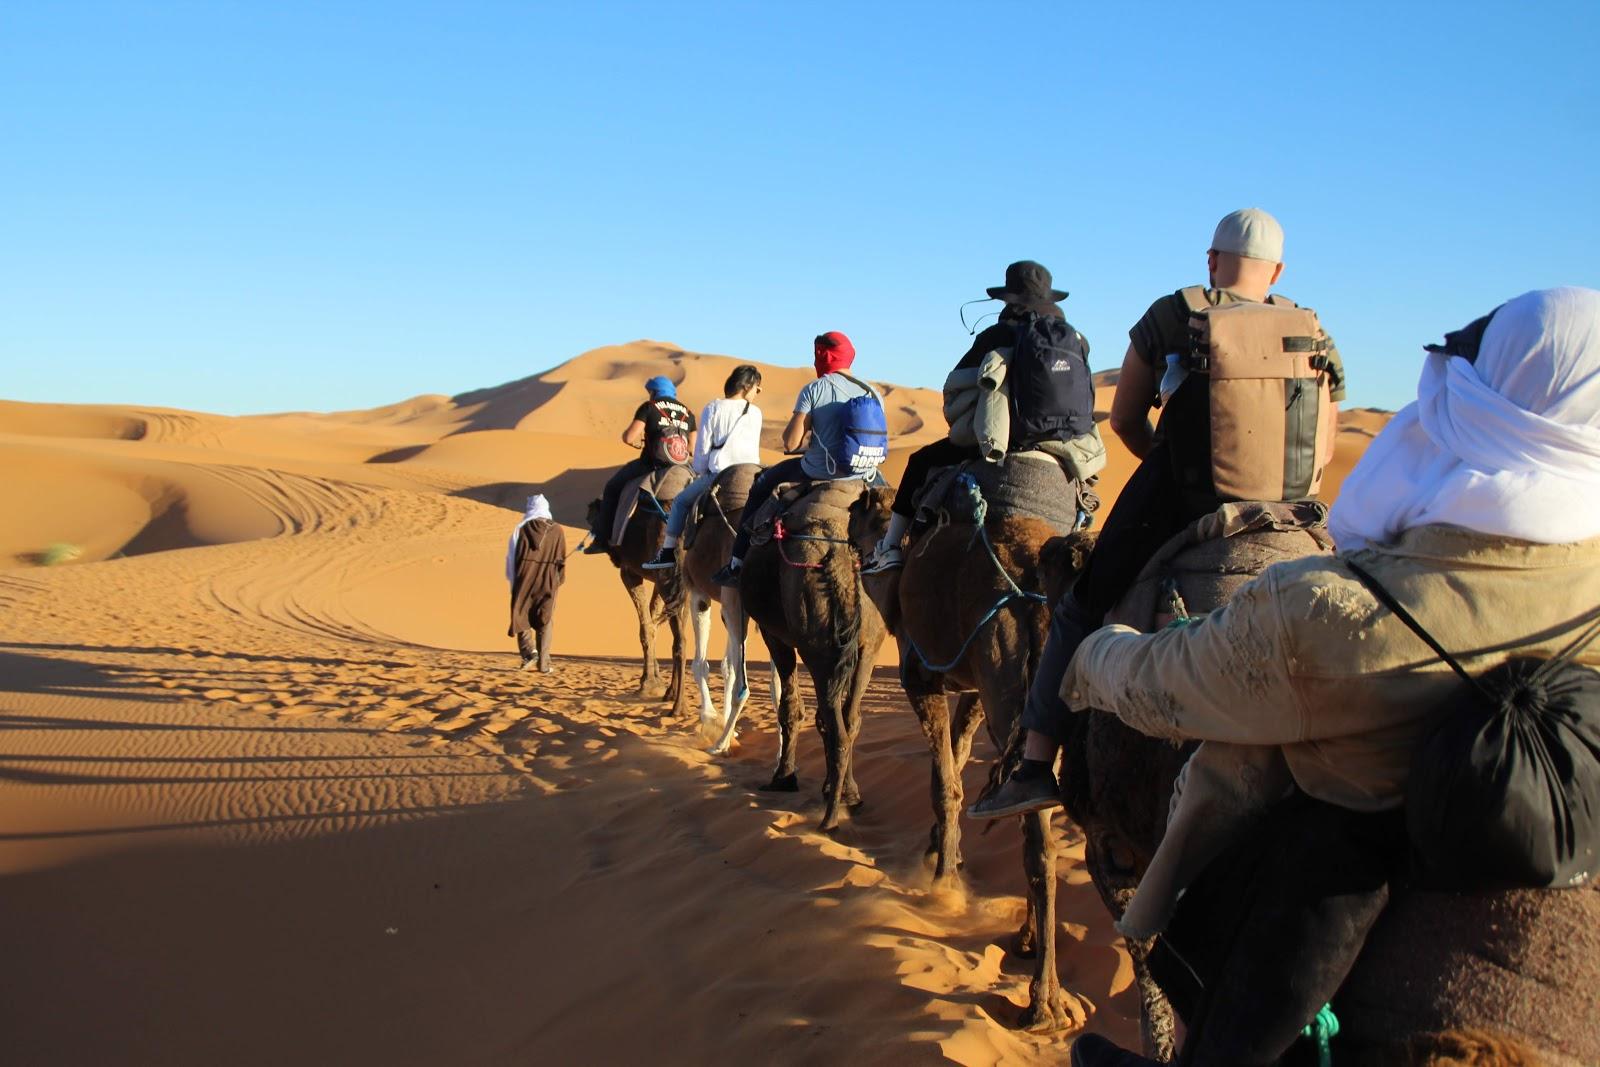 摩洛哥 (下) 旅行故事與經驗分享